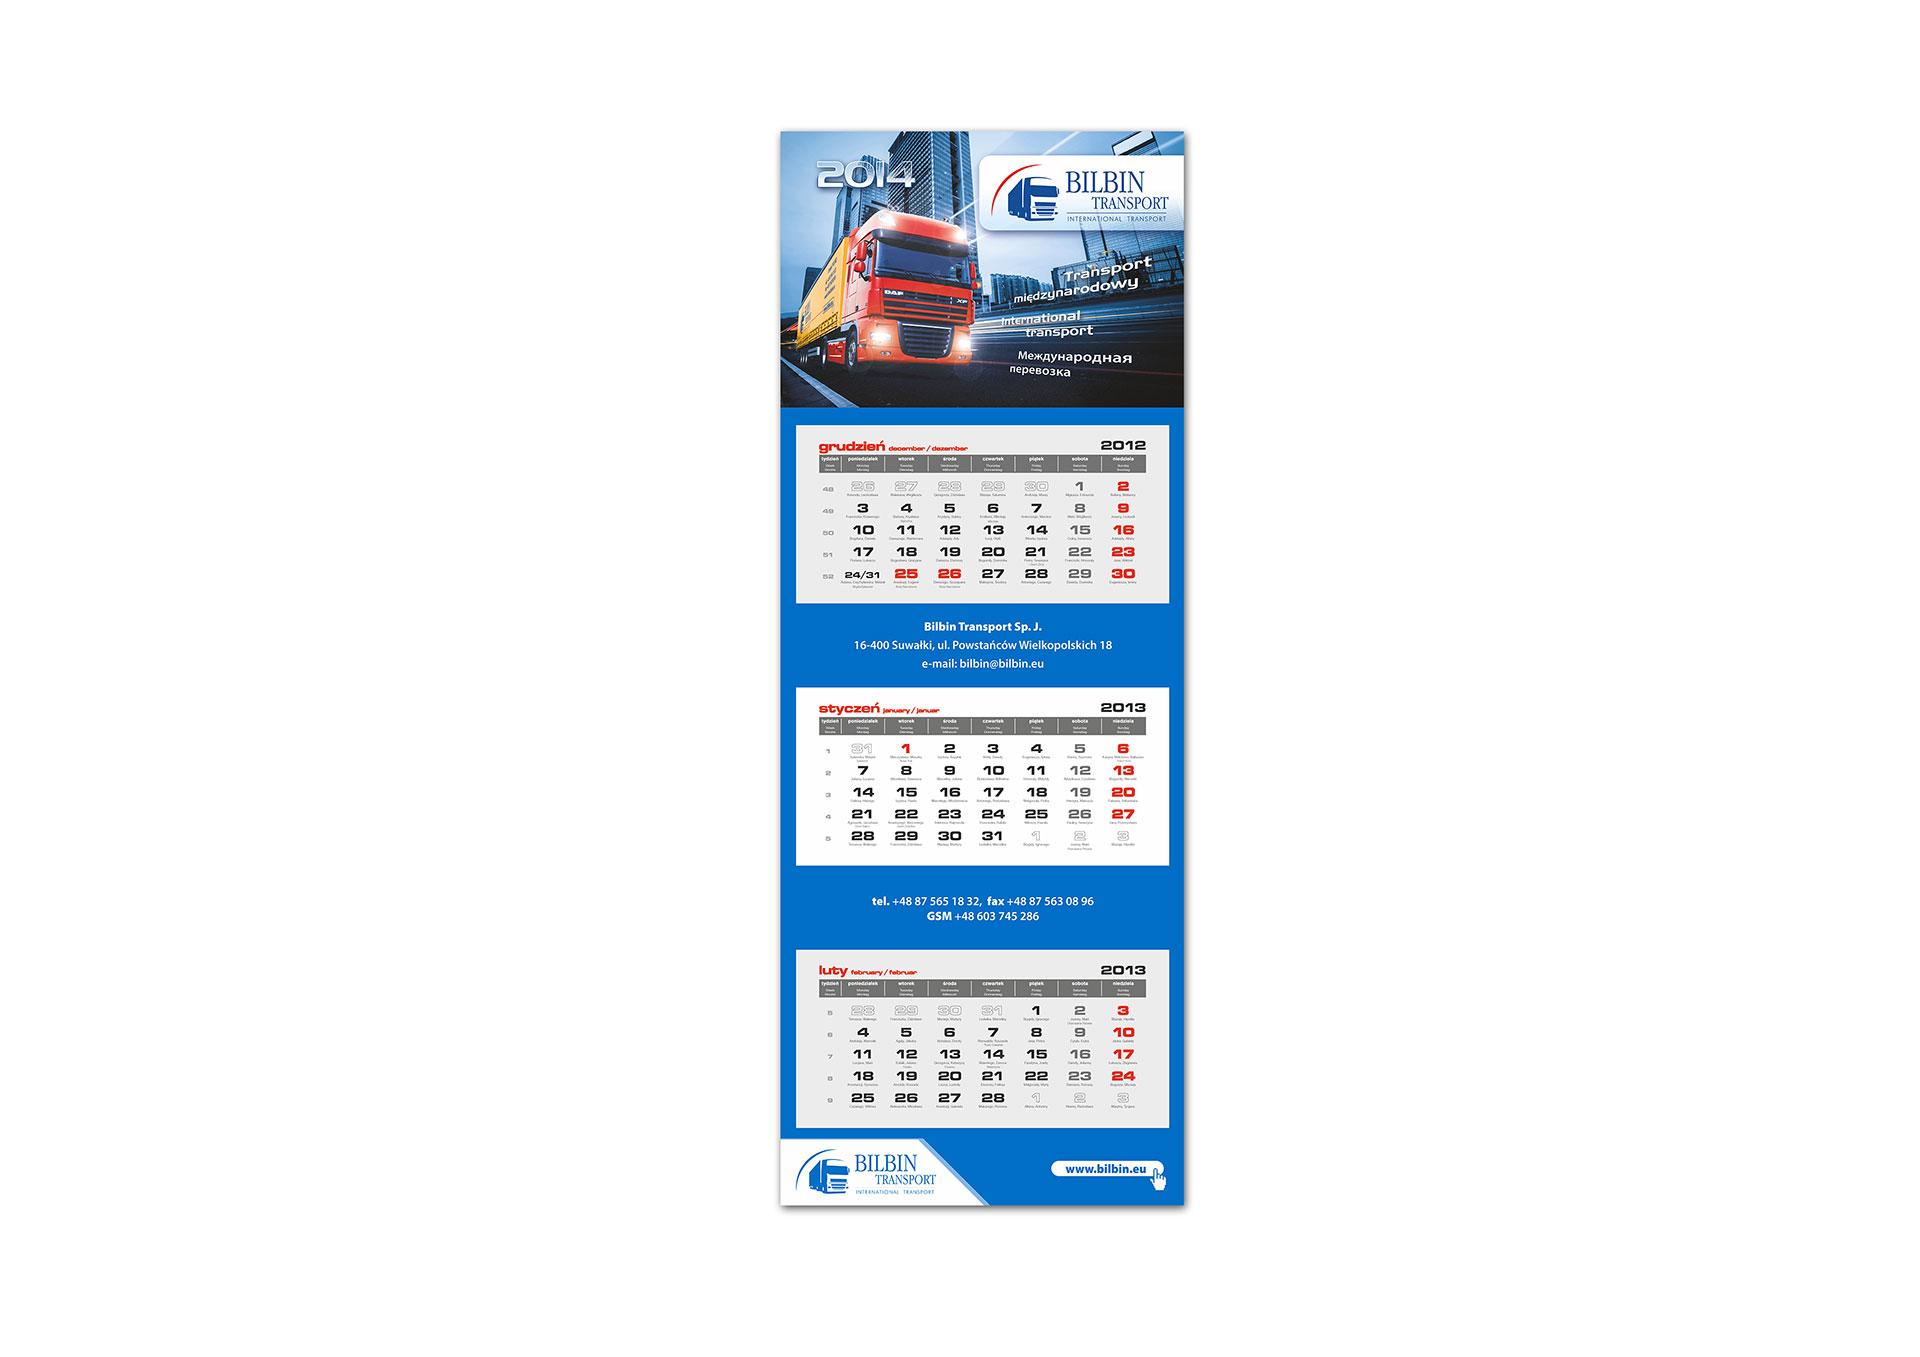 kalendarz-bilbin-2